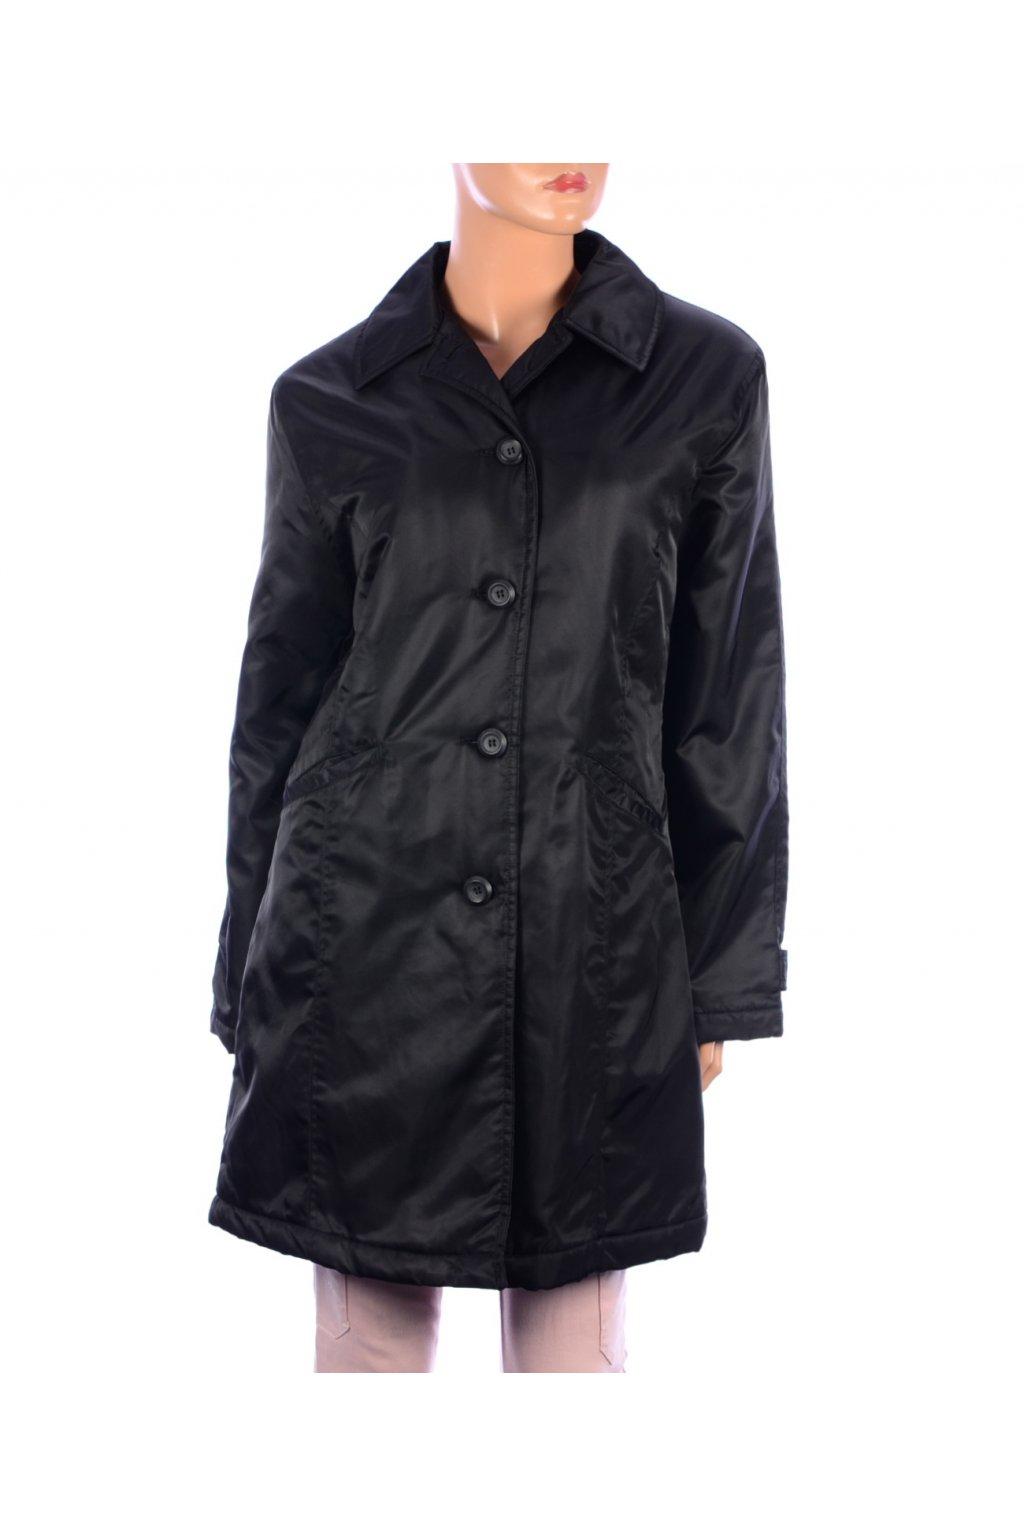 Kabát krátký Essentials Uk14/M/42 - nový s visačkou